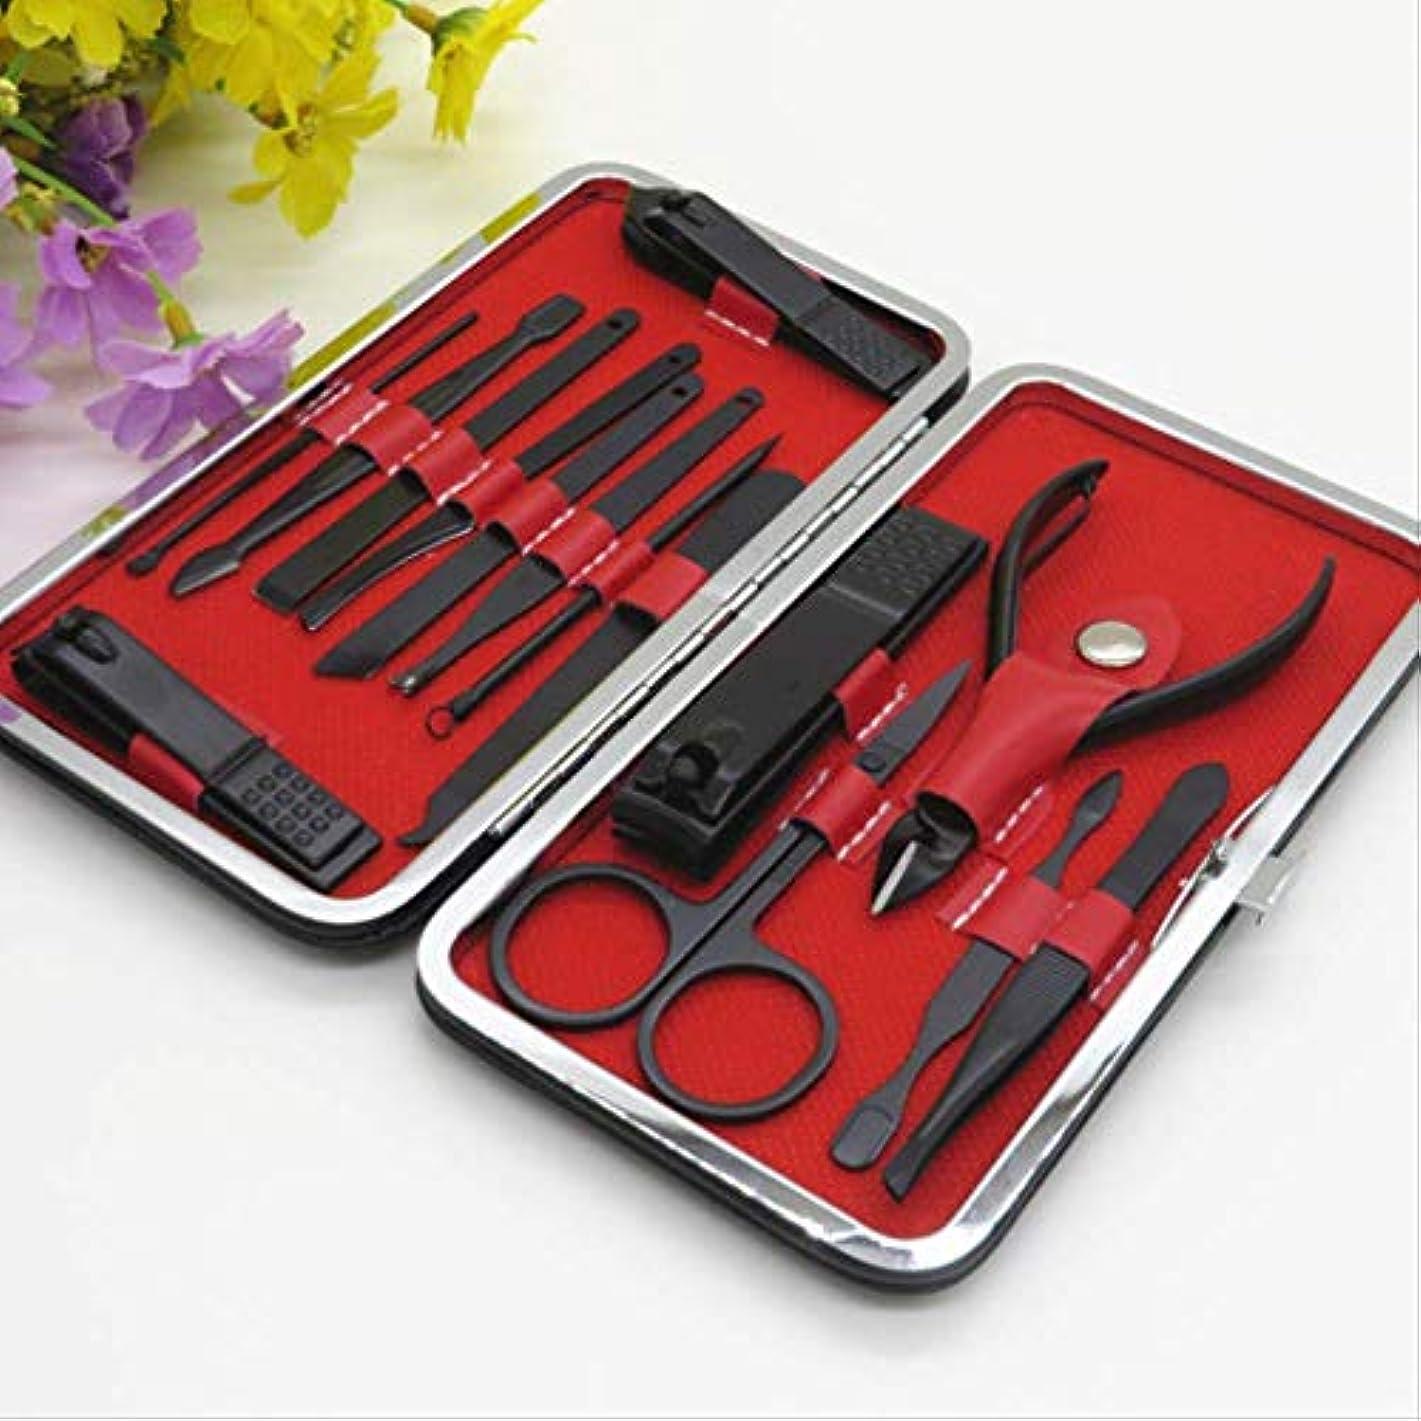 特定のブルゴーニュアーチ爪切りセット16ピースペディキュアナイフ美容プライヤー爪ツール 7197G